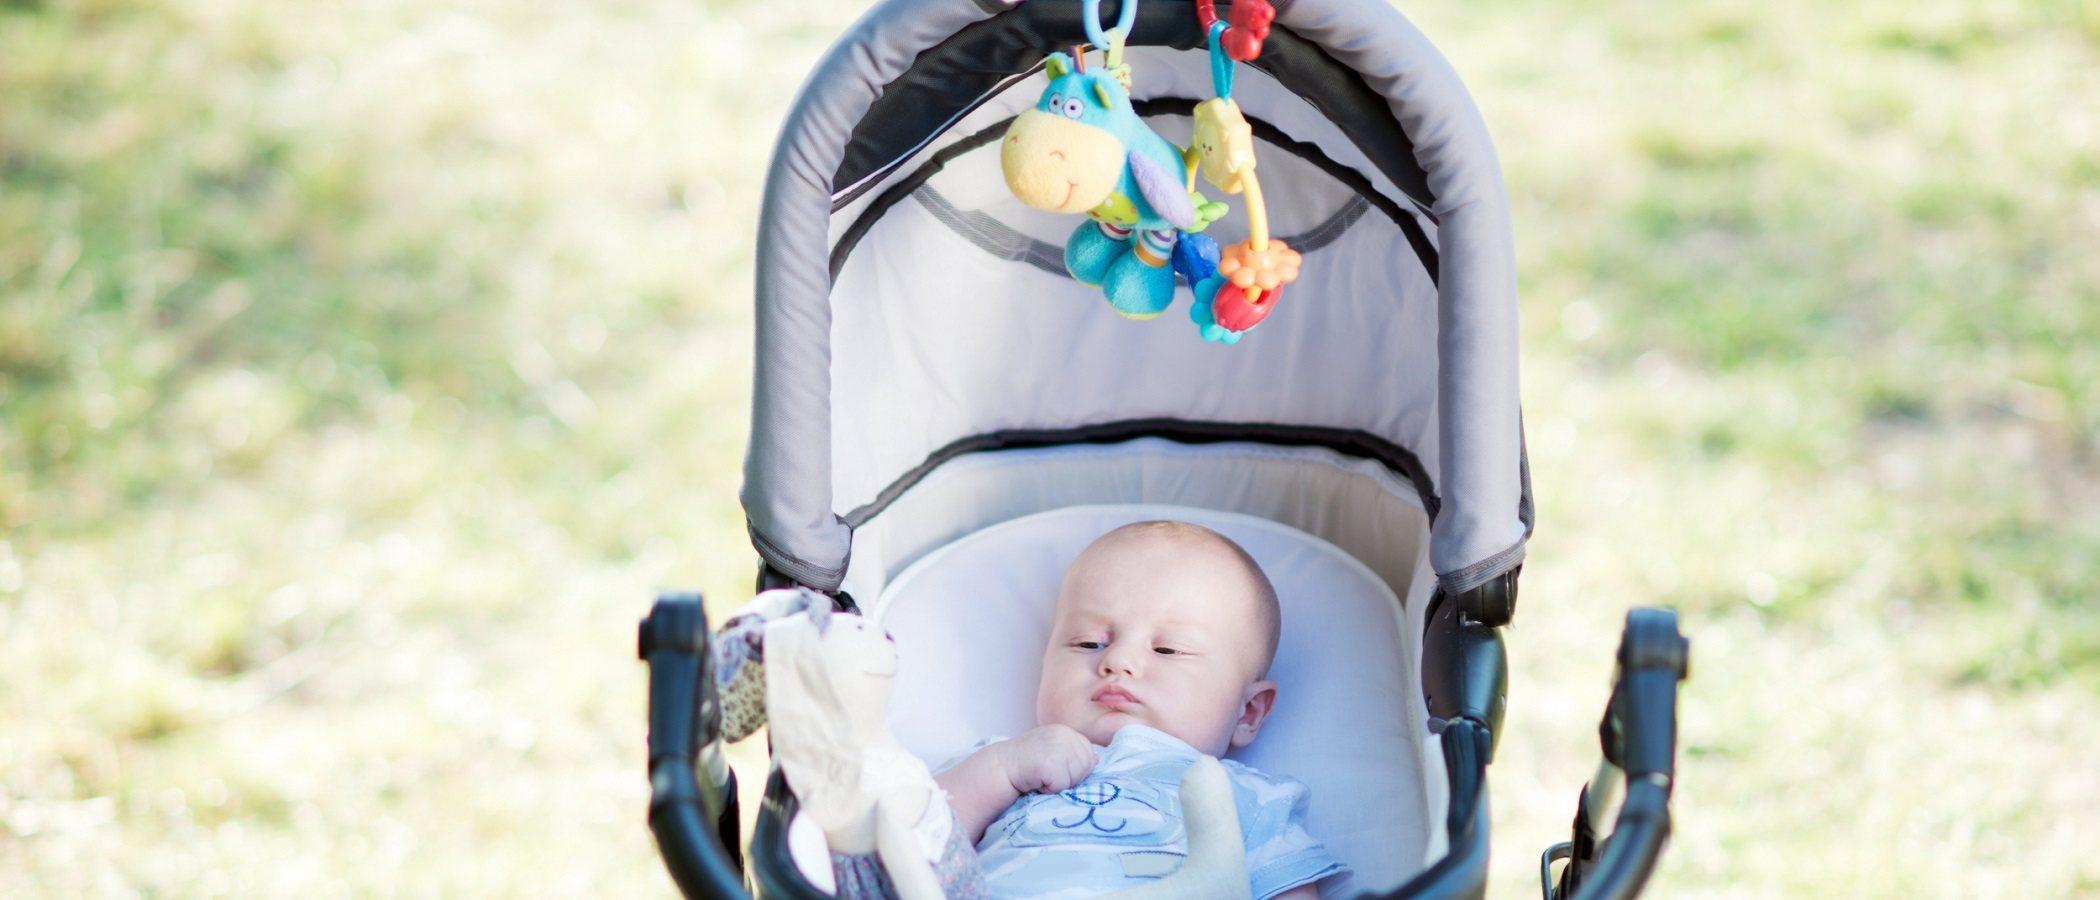 ¿Merece la pena seguir las tendencias para comprar un cochecito de bebé?